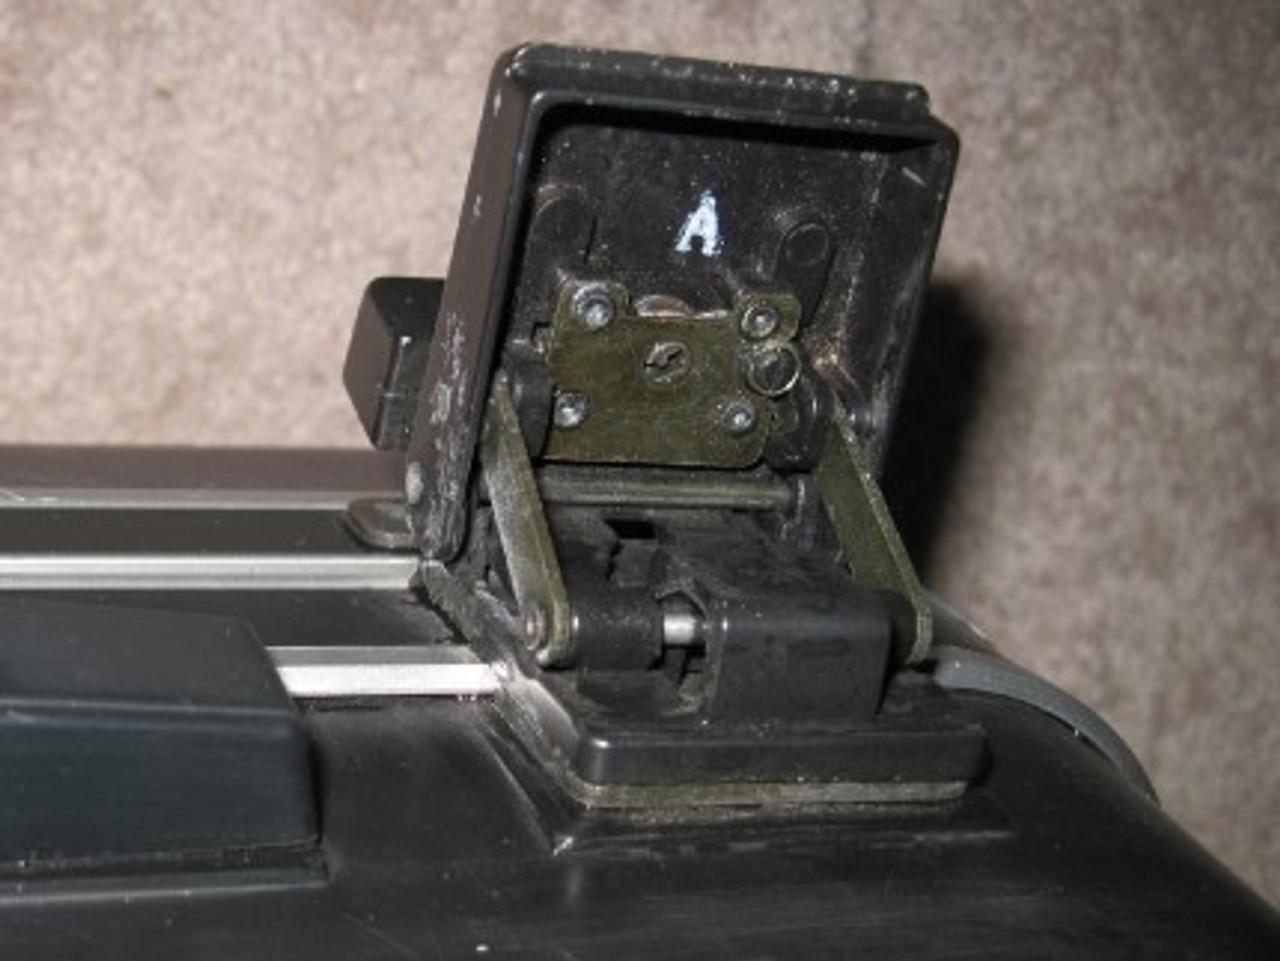 C10 Saddle Bag Keys